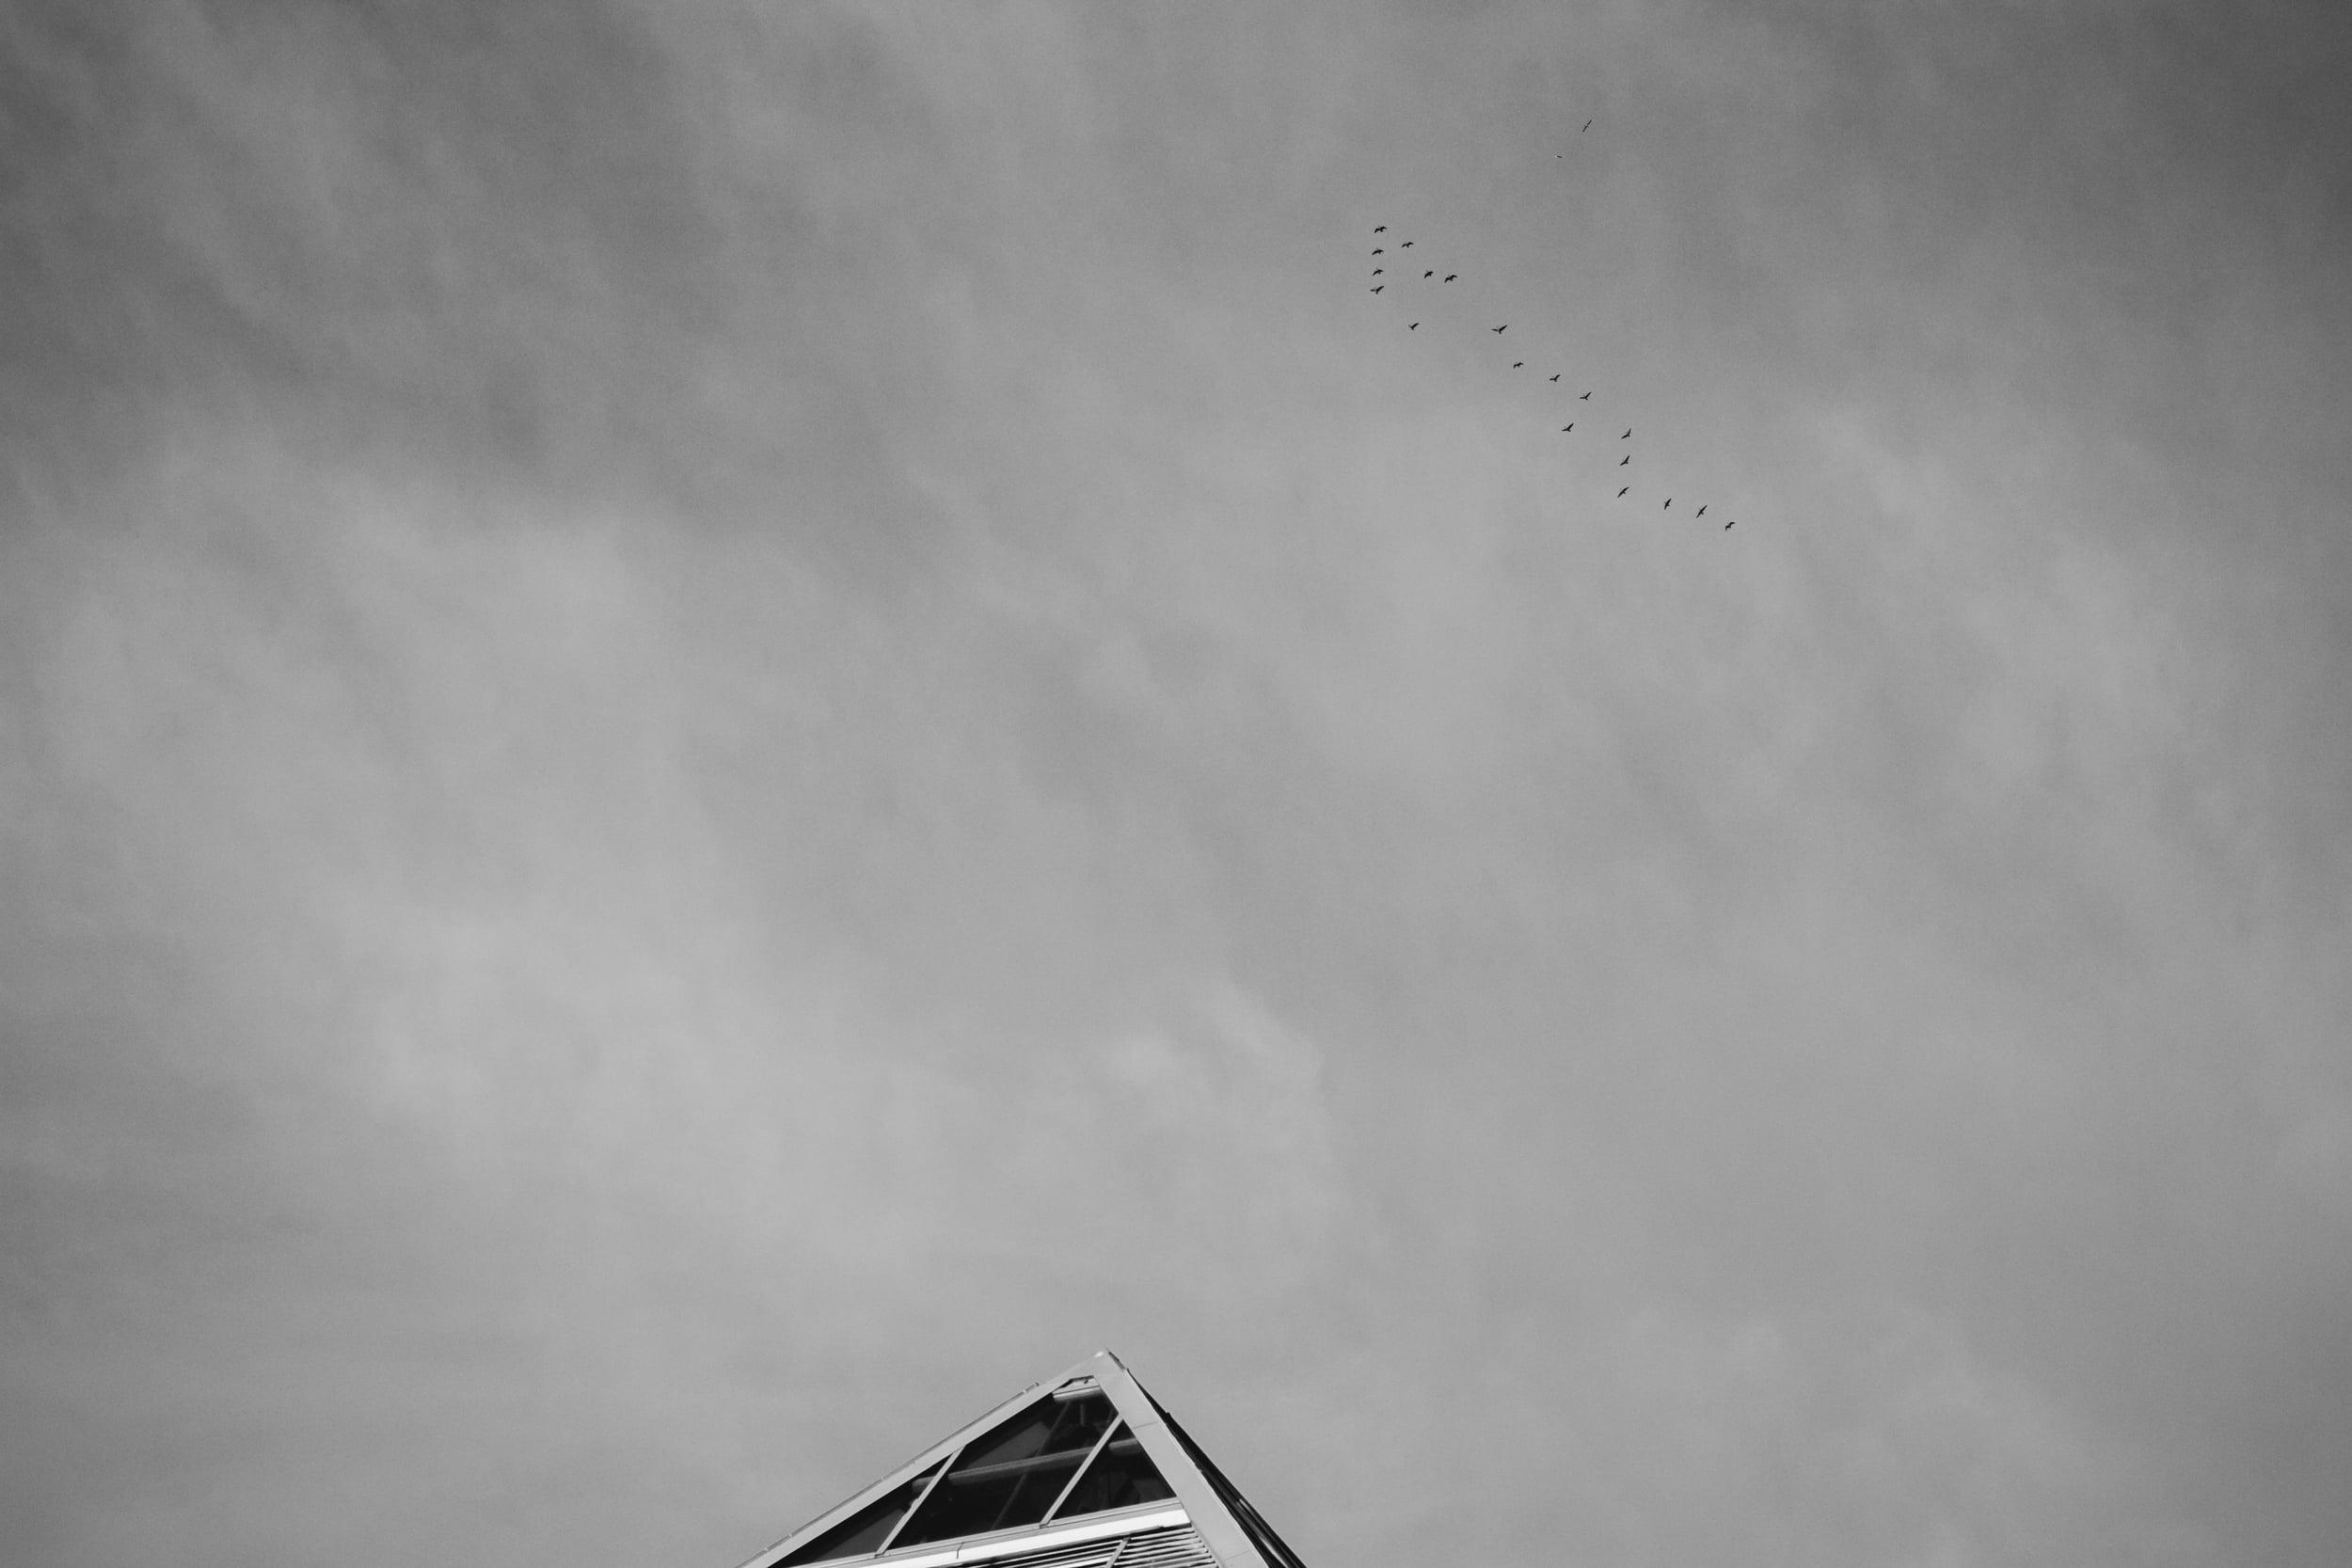 Muttart Conservatory Sky